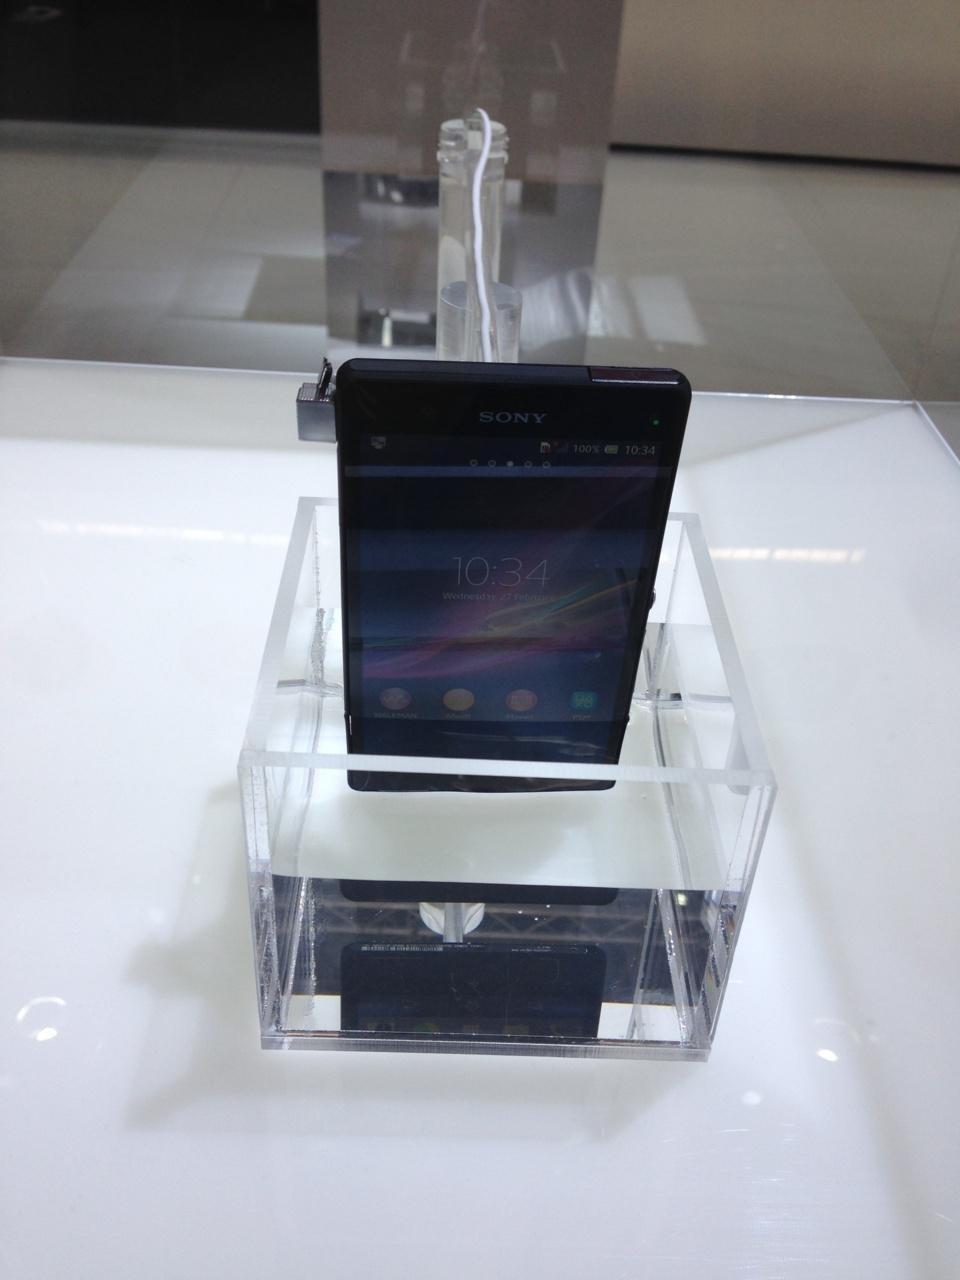 Sony Xperia Z. Etanche! Pour @seb2